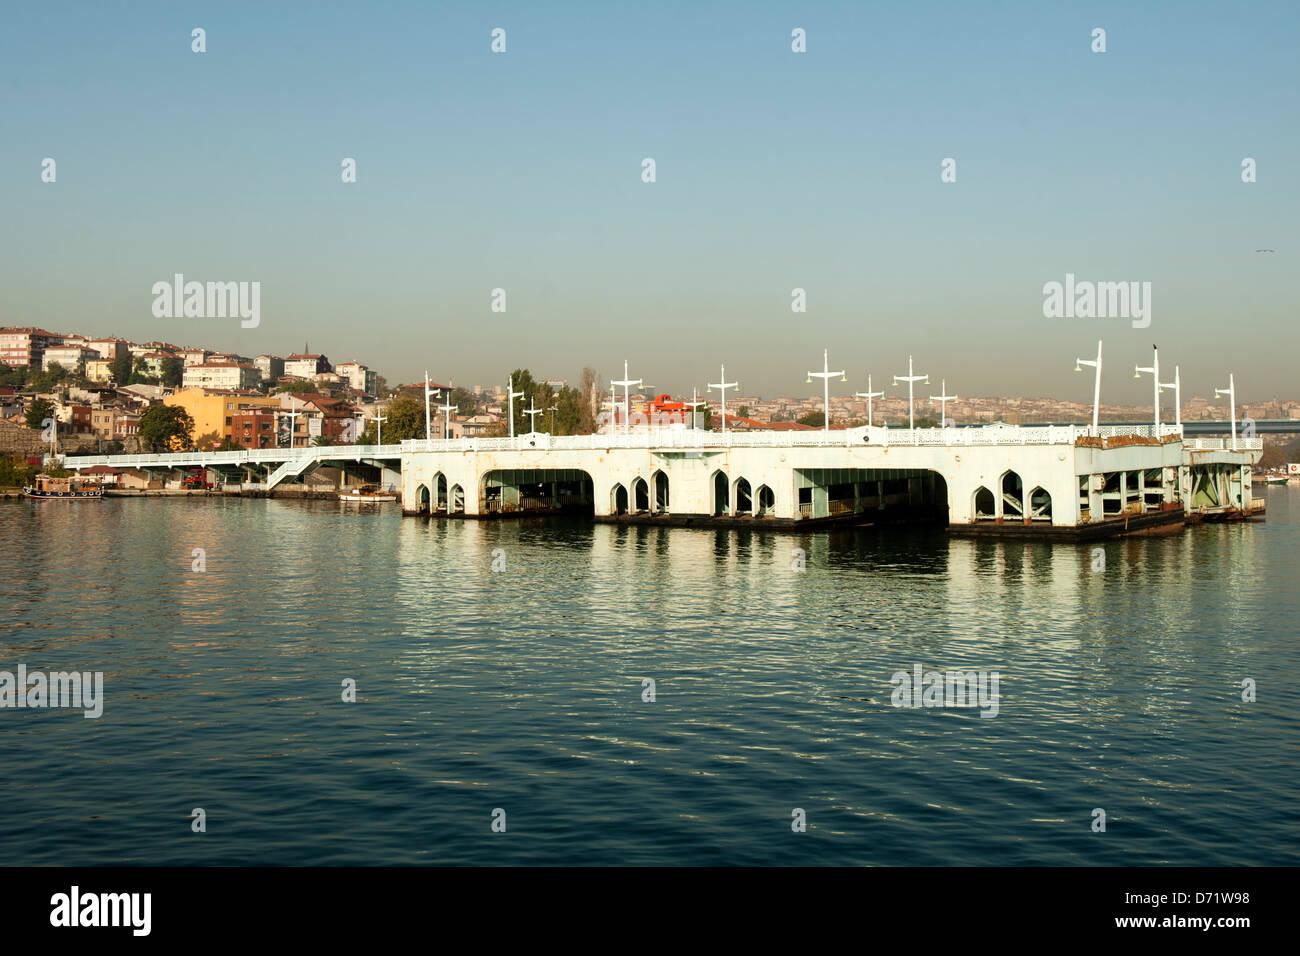 Türkei, Istanbul, Goldenes Horn, Alte Galatabrücke - Stock Image